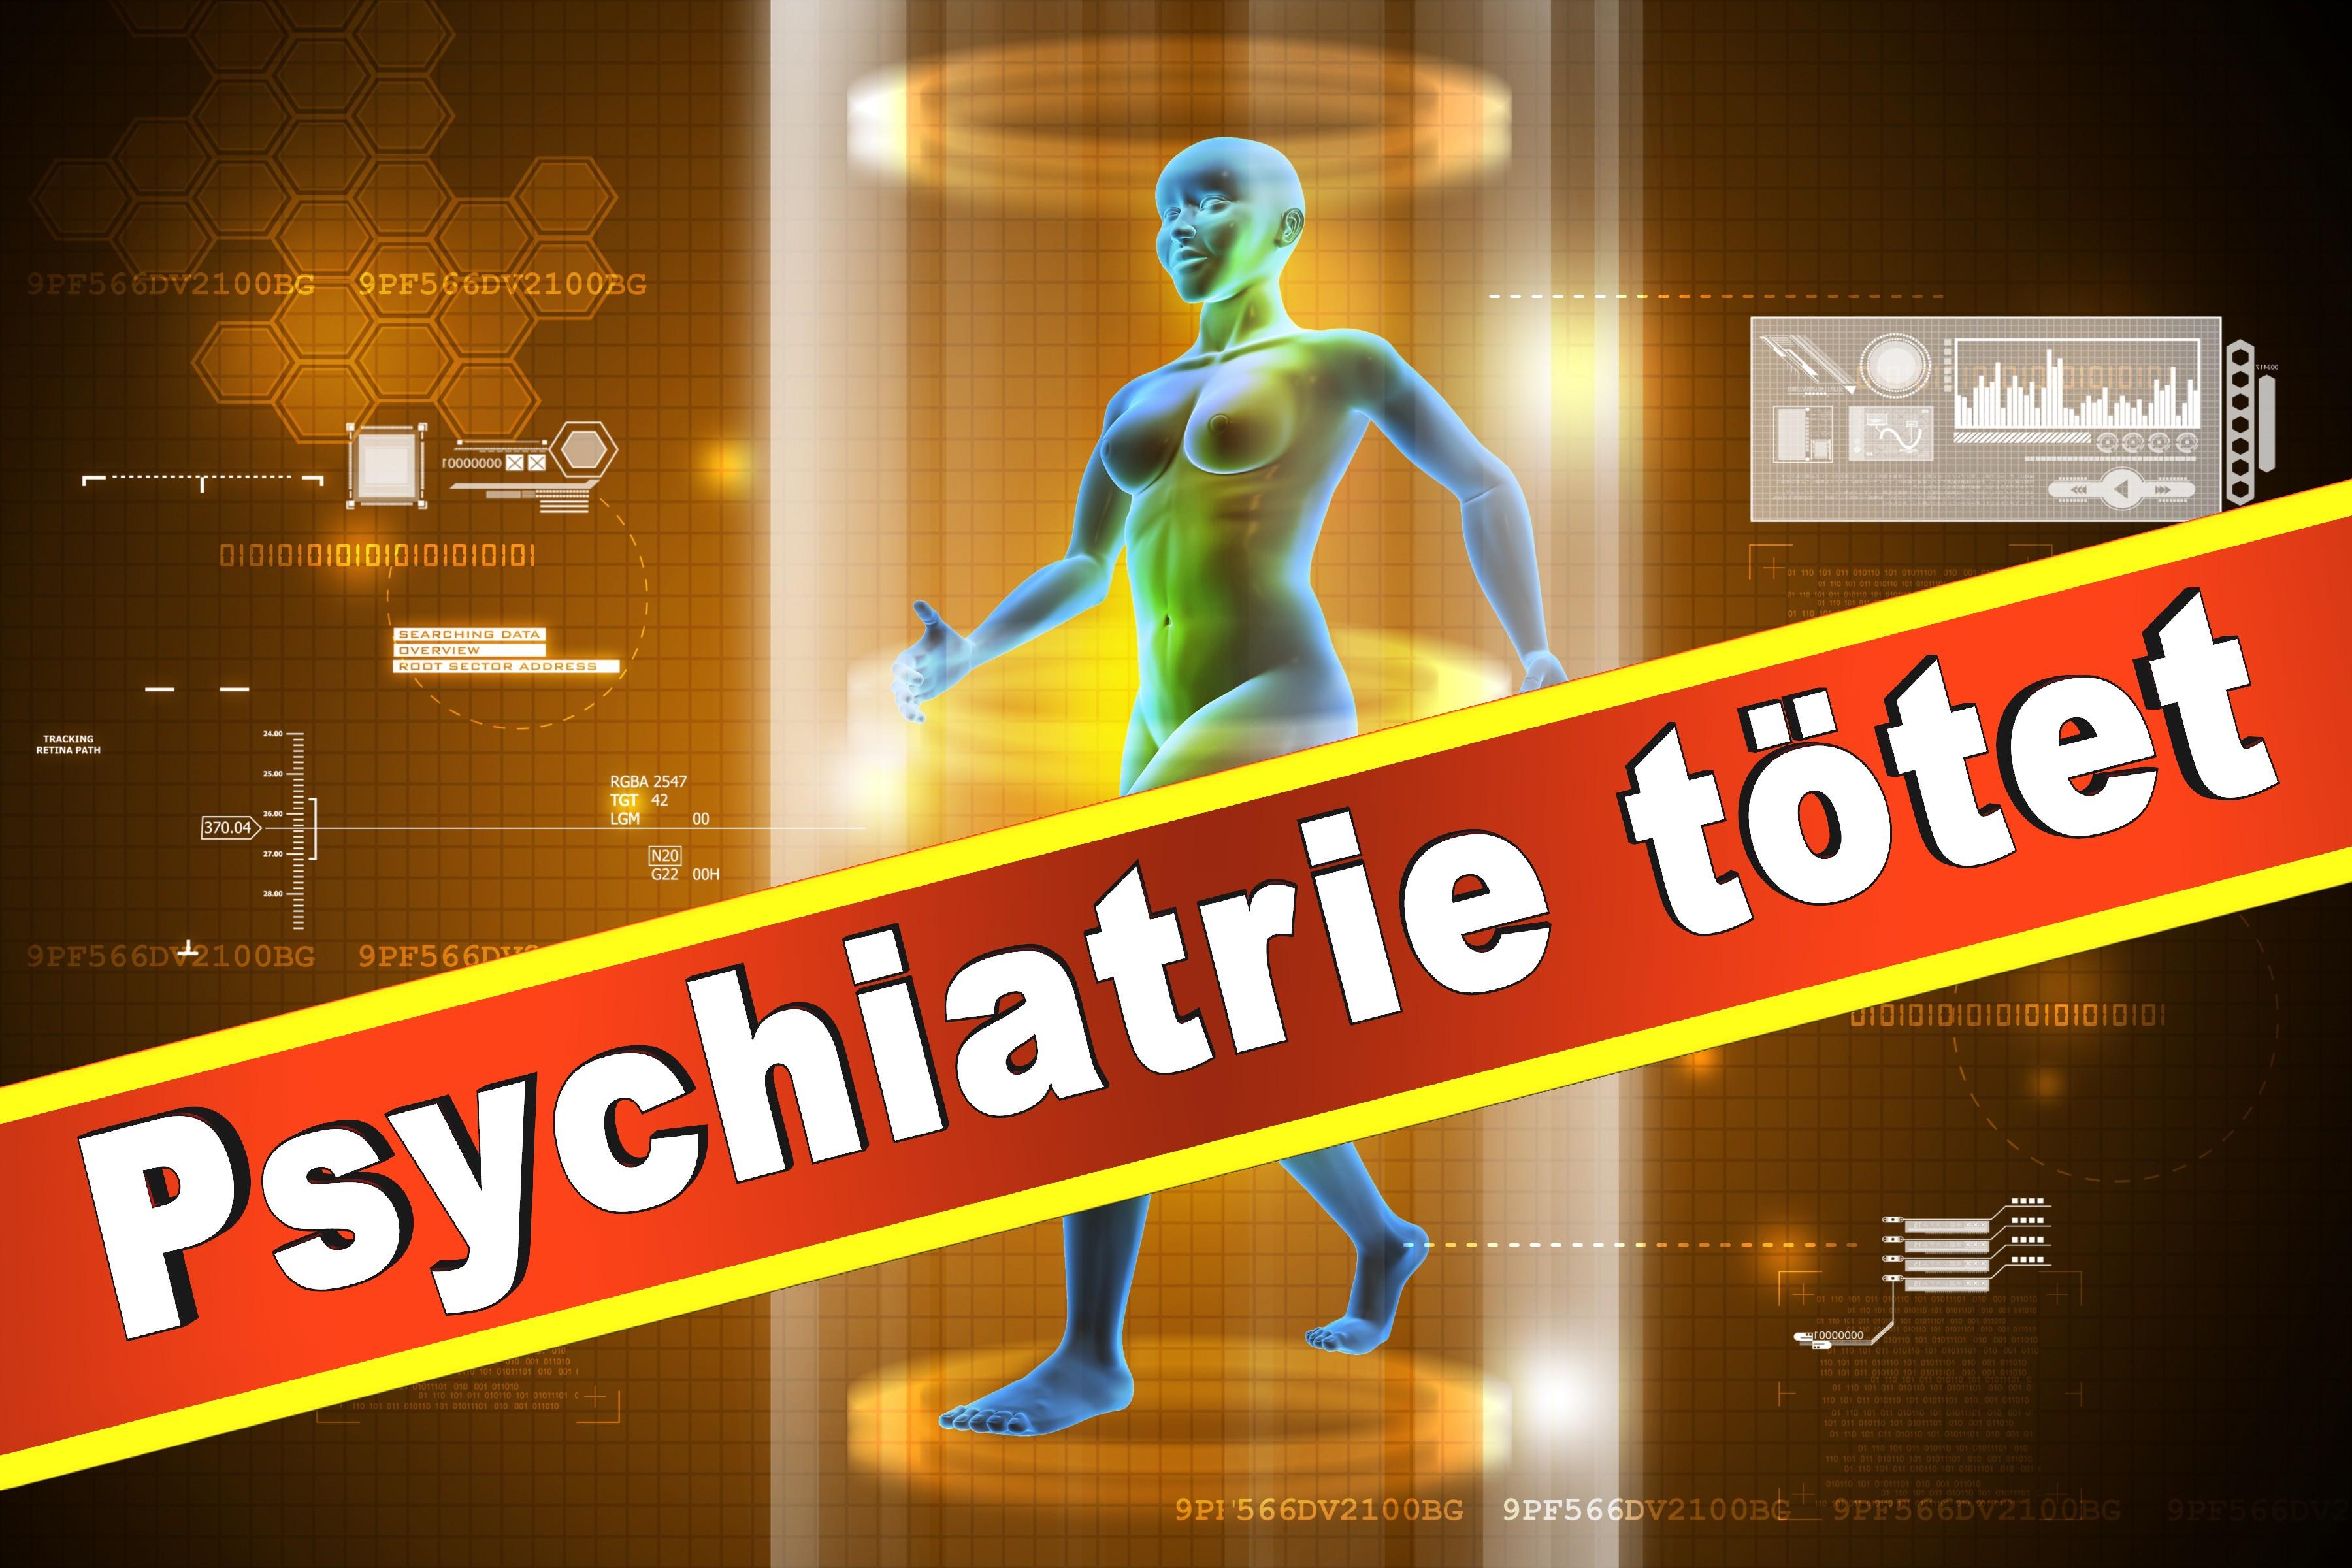 Achim Geller Facharzt Für Psychiatrie Psychotherapie Niederwall 18 33602 Bielefeld